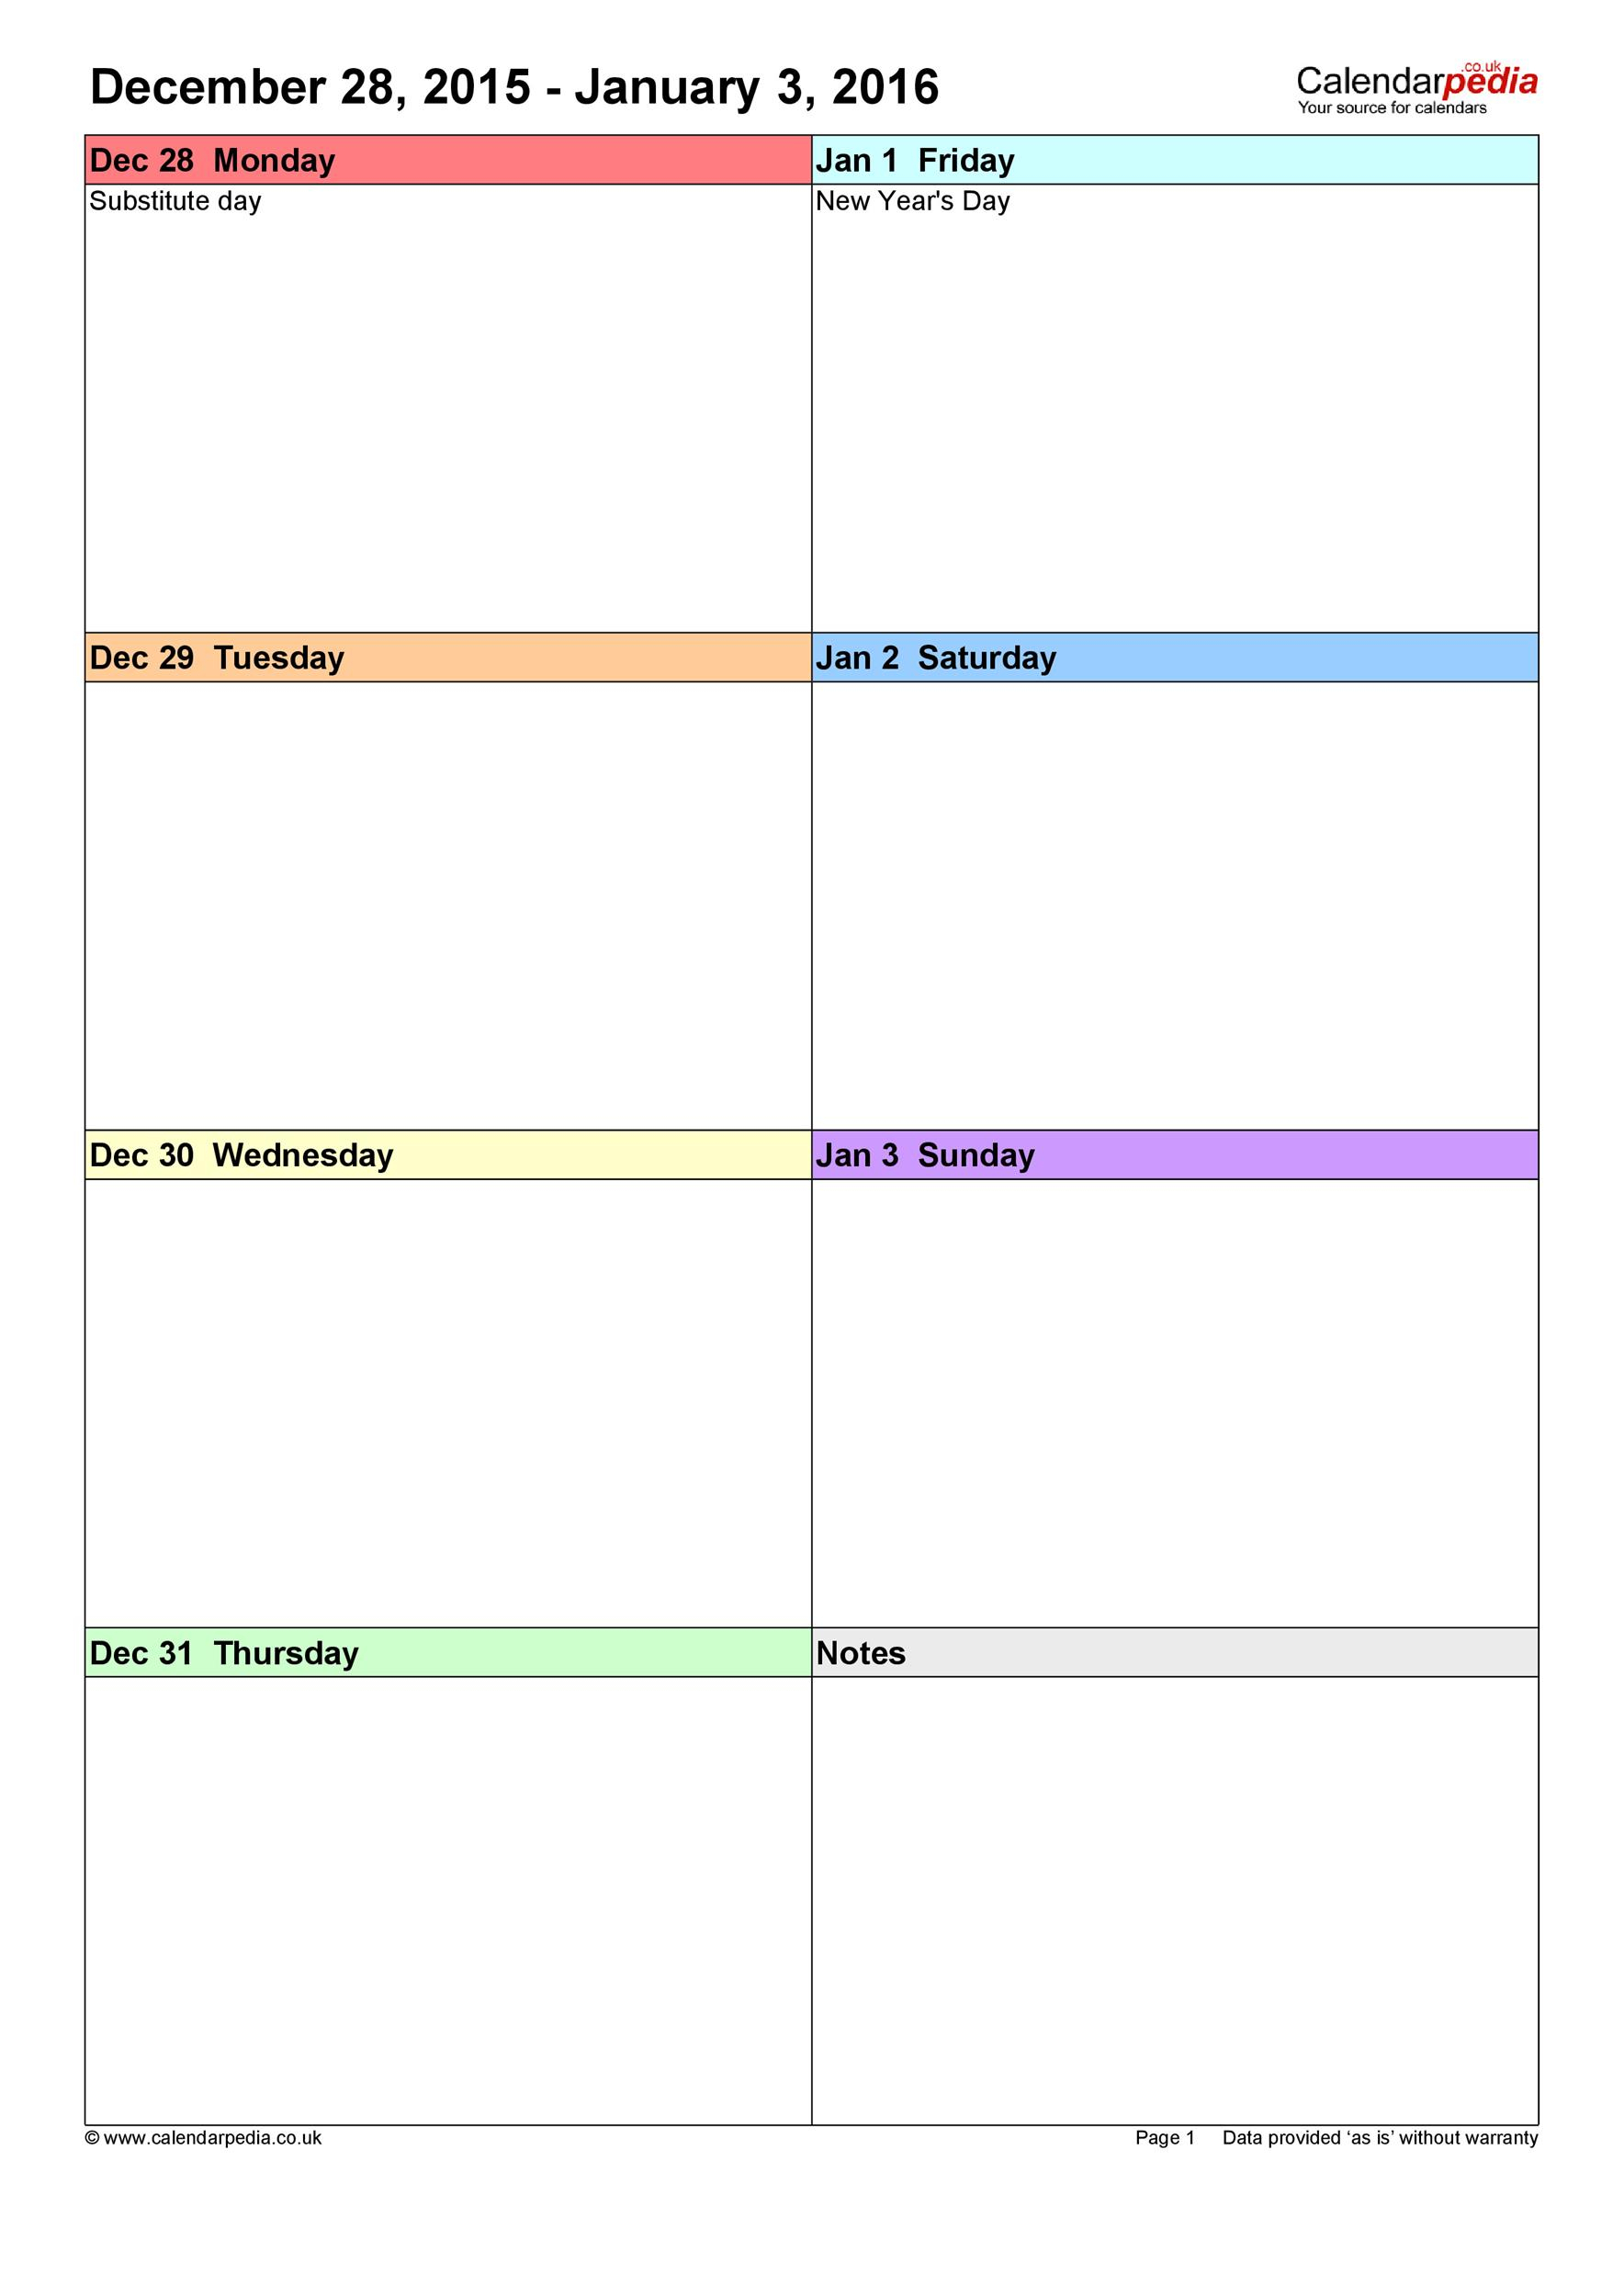 26 Blank Weekly Calendar Templates [Pdf, Excel, Word] ᐅ within 2 Week Blank Calendar